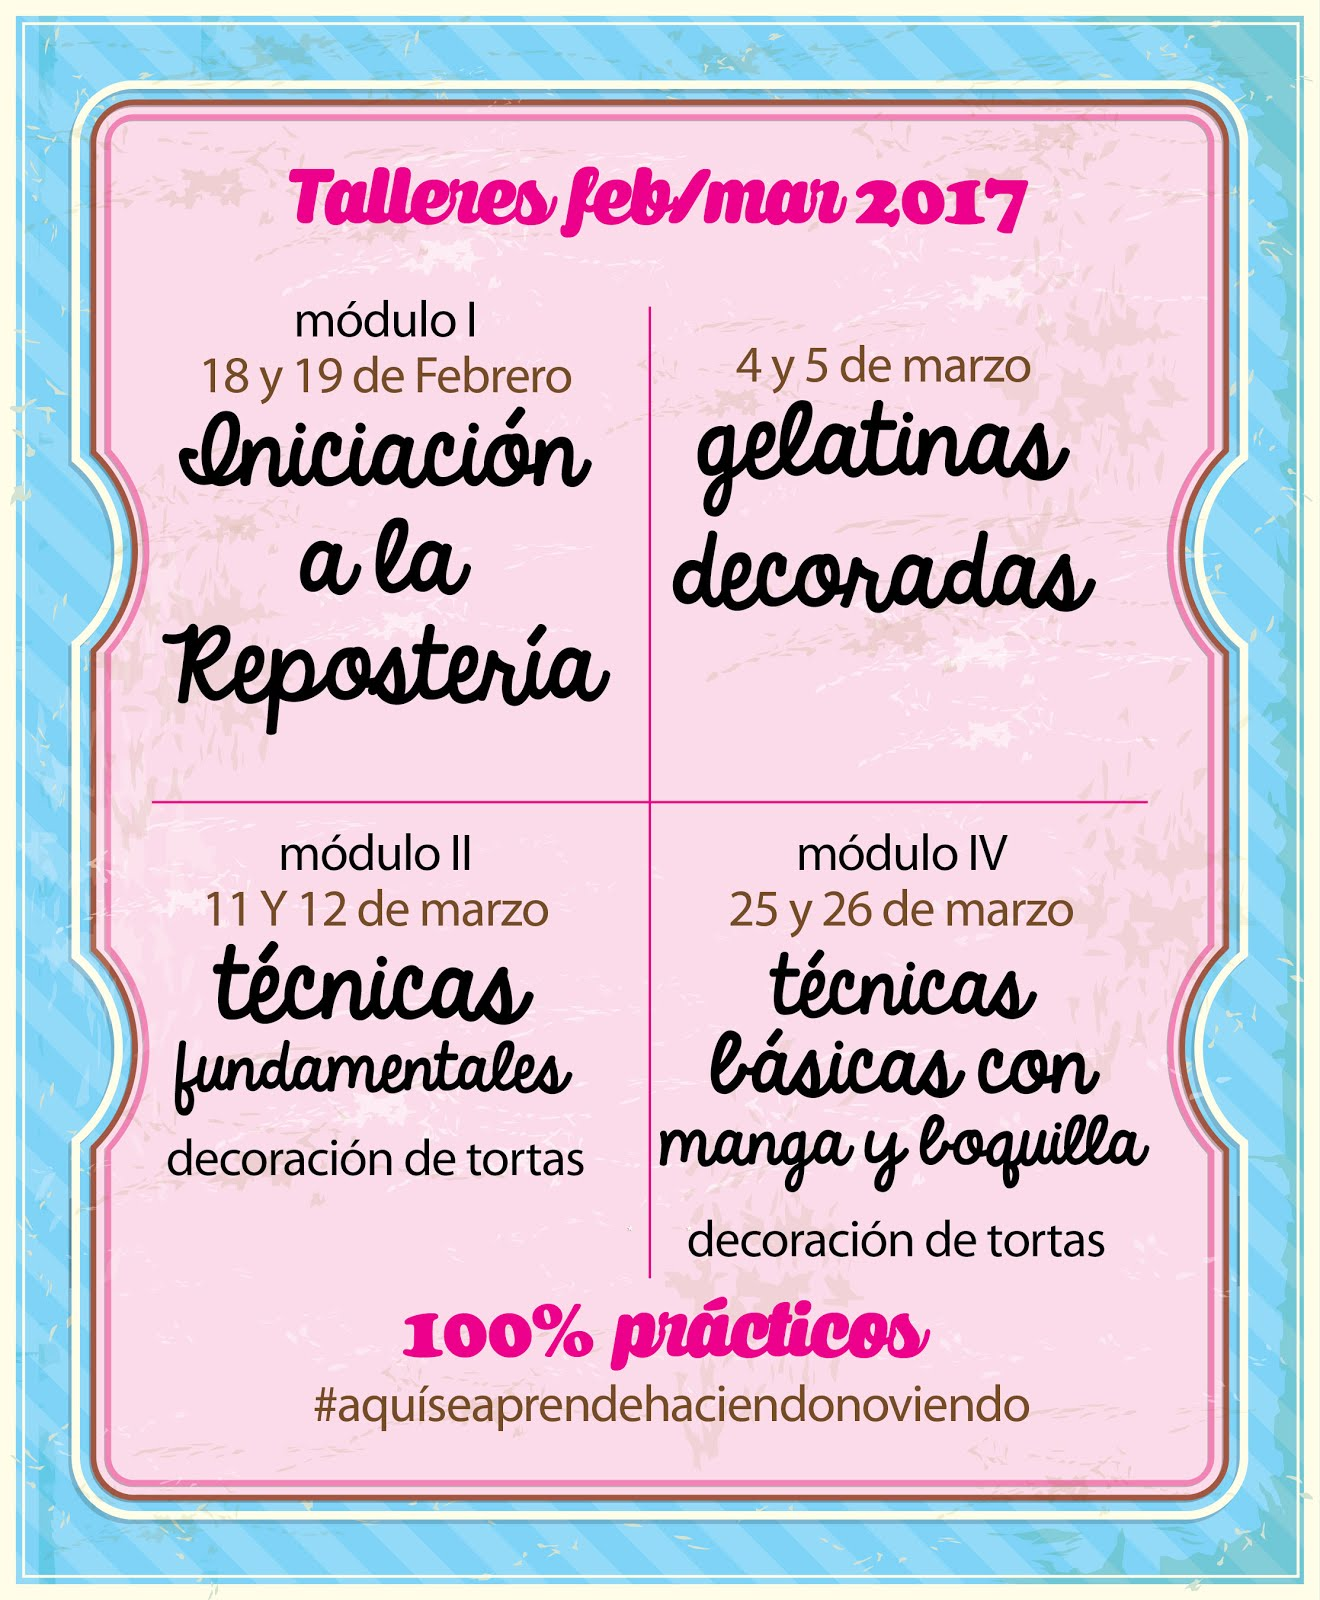 Calendario de Cursos de Repostería en Caracas